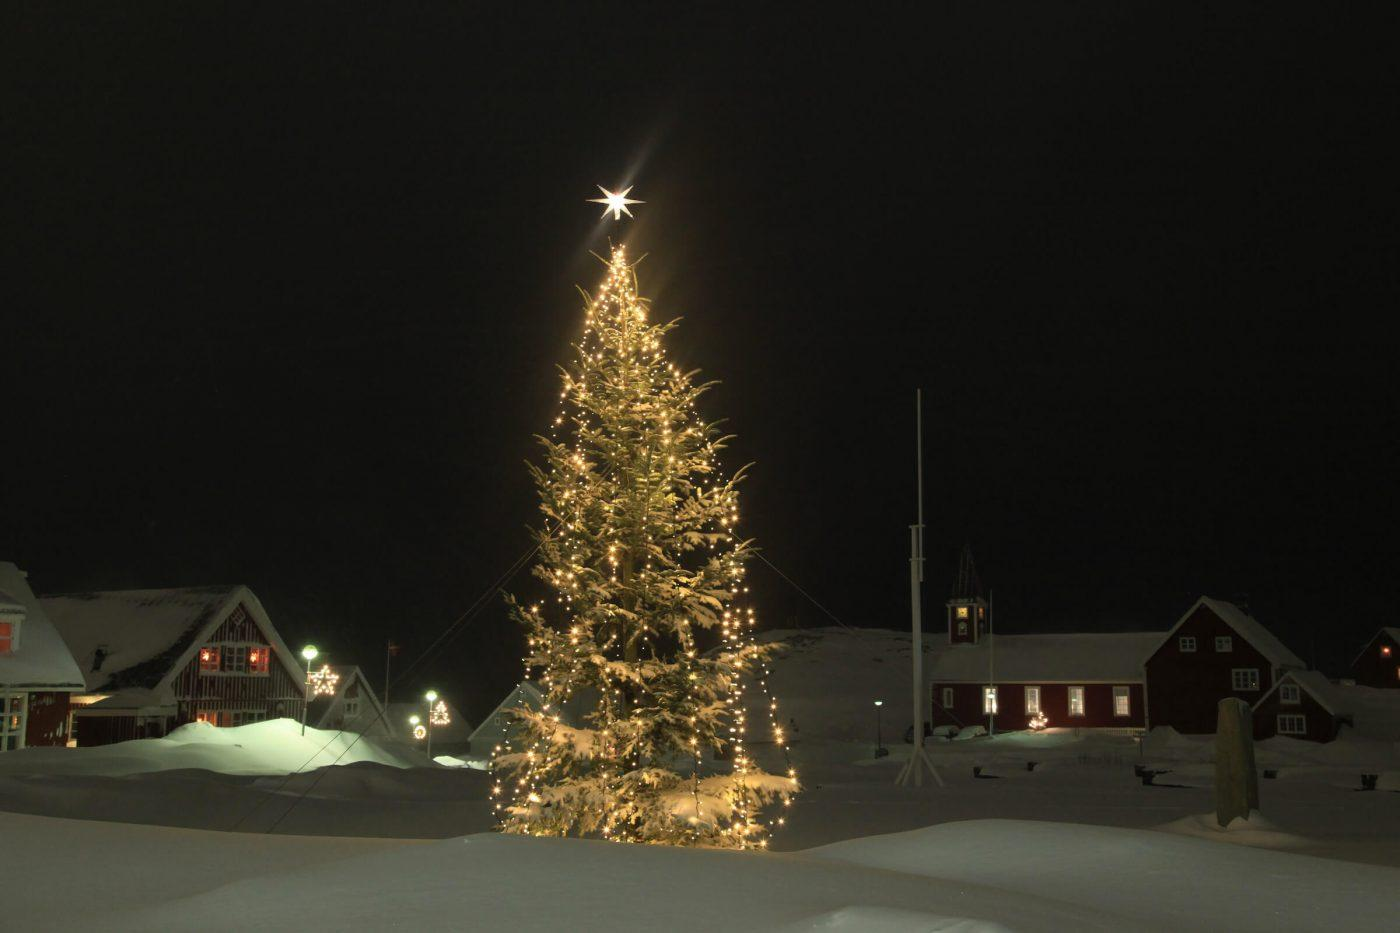 Christmas tree in Nuuk, by Klaus Eskildsen